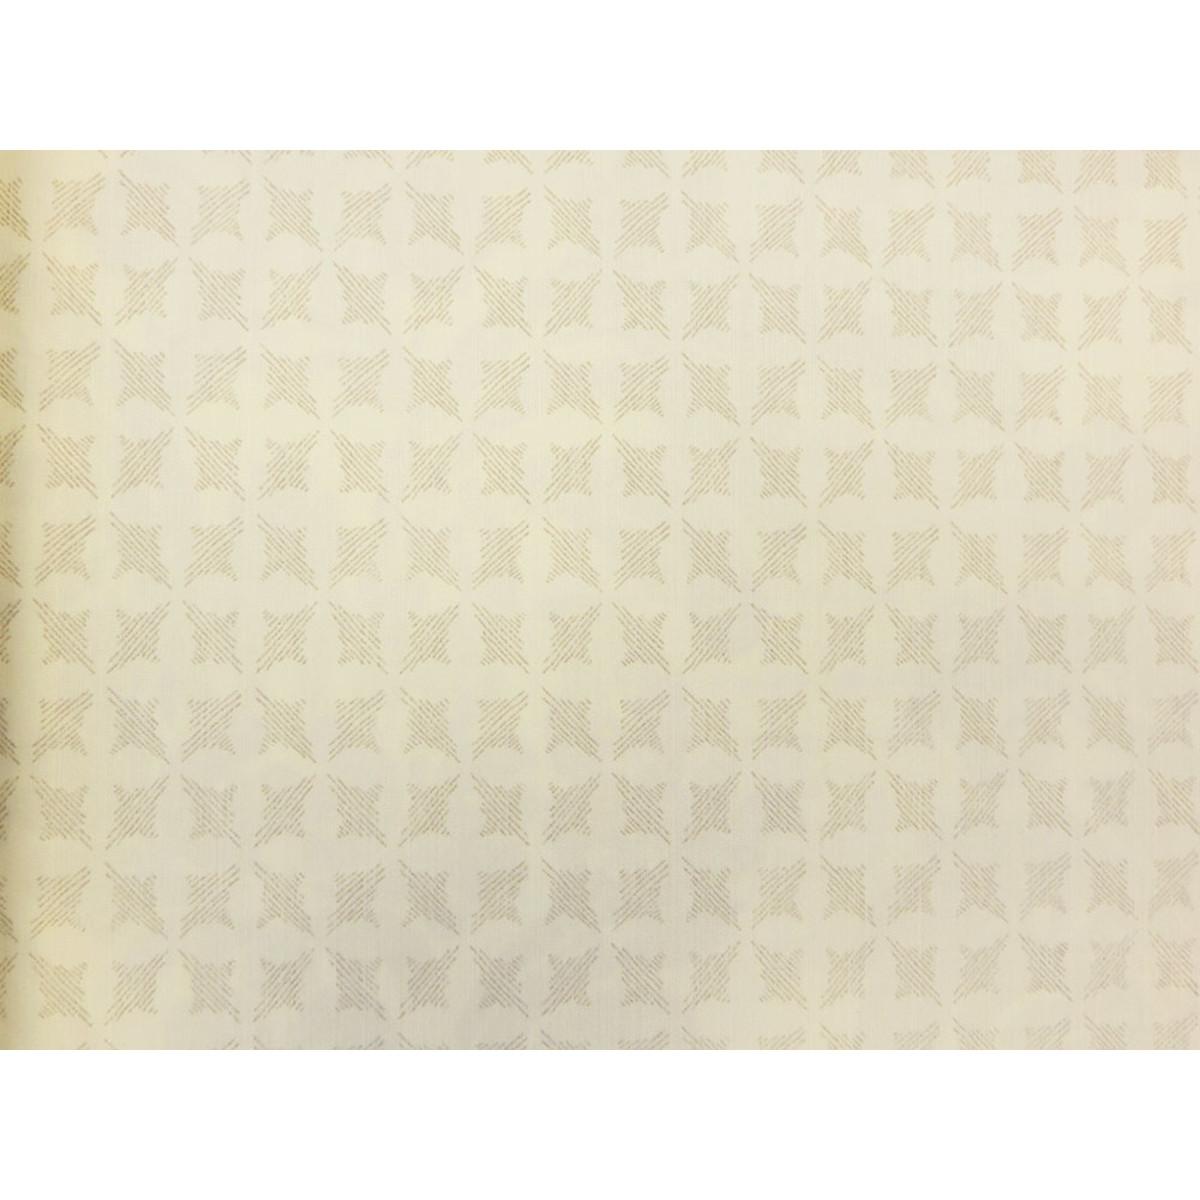 Обои текстильные Rasch Selected серые 0.53 м 79745